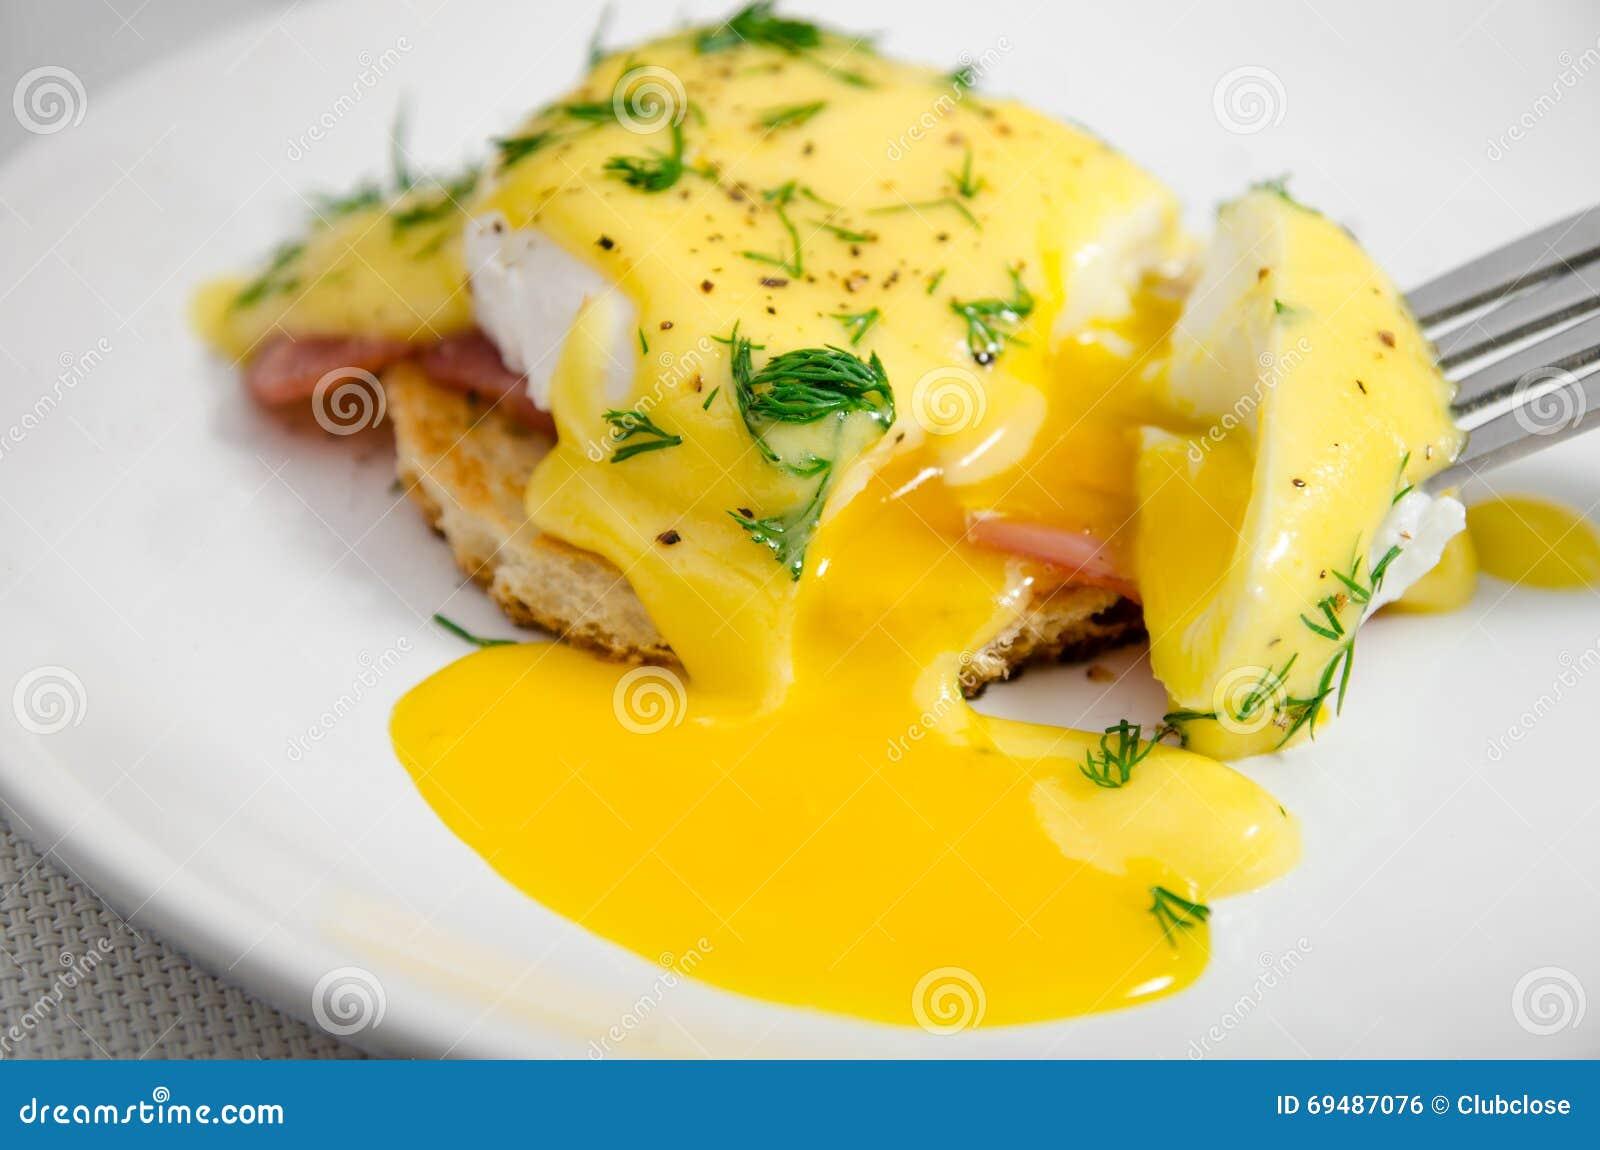 鸡蛋本尼迪克特在一块白色板材的早餐,液体卵黄质